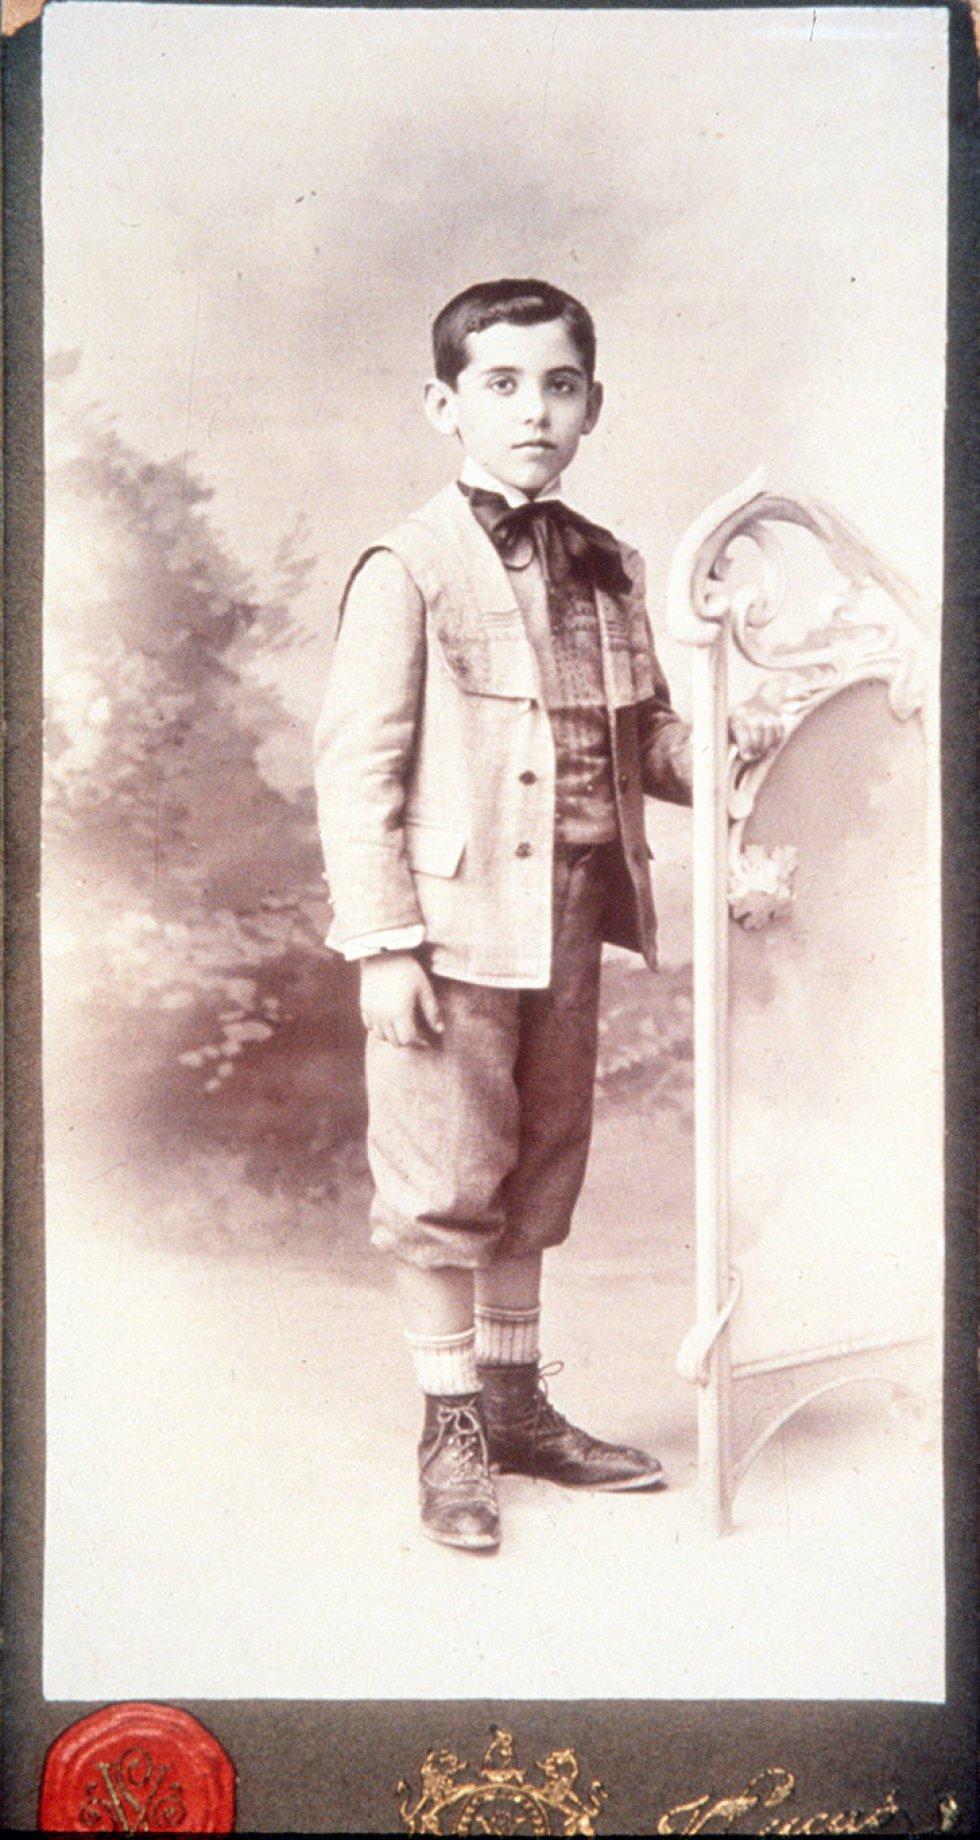 Lorca (en la imagen, a los seis años) pasó su infancia en Granada rodeado por sus hermanas y las sirvientas de la casa, de las que aprendió canciones que después resonaron en su obra.